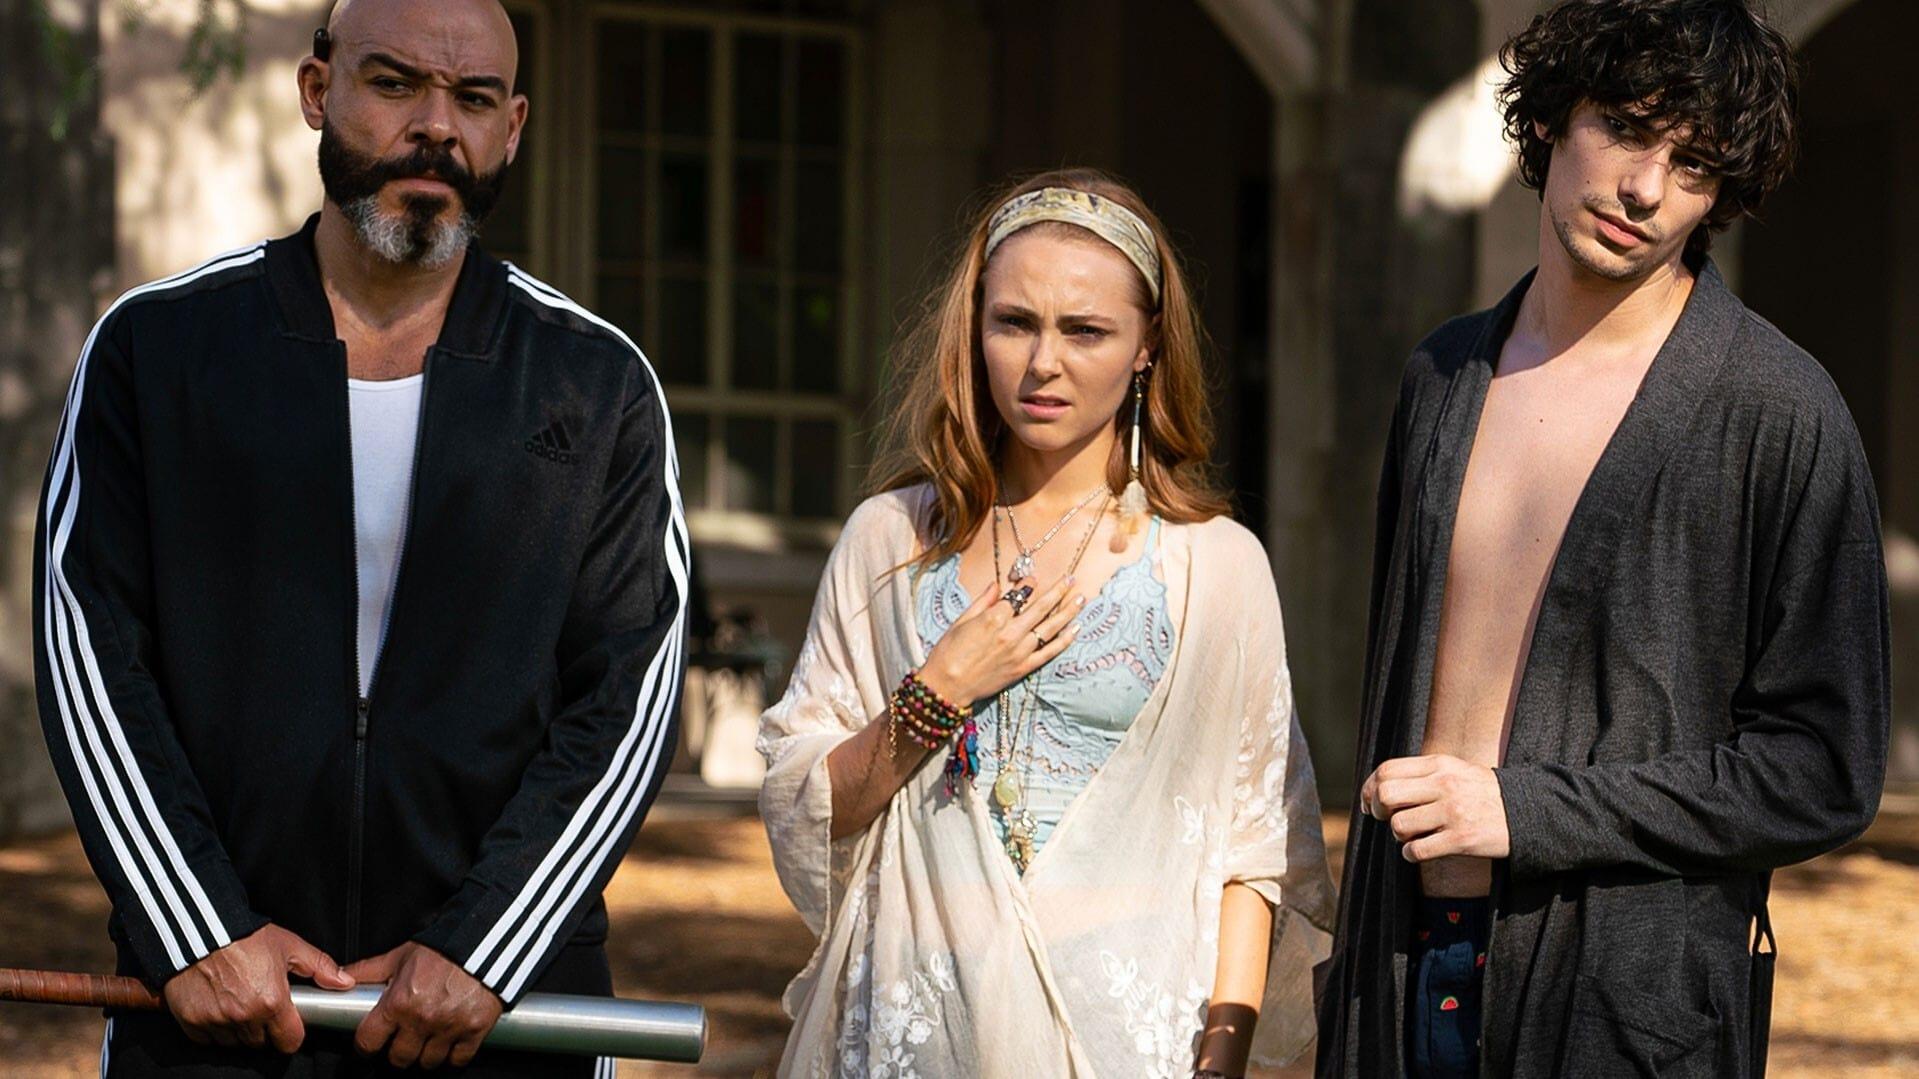 Watch Сумасшедшая любовь (2020) Movies Online - putlocker ...